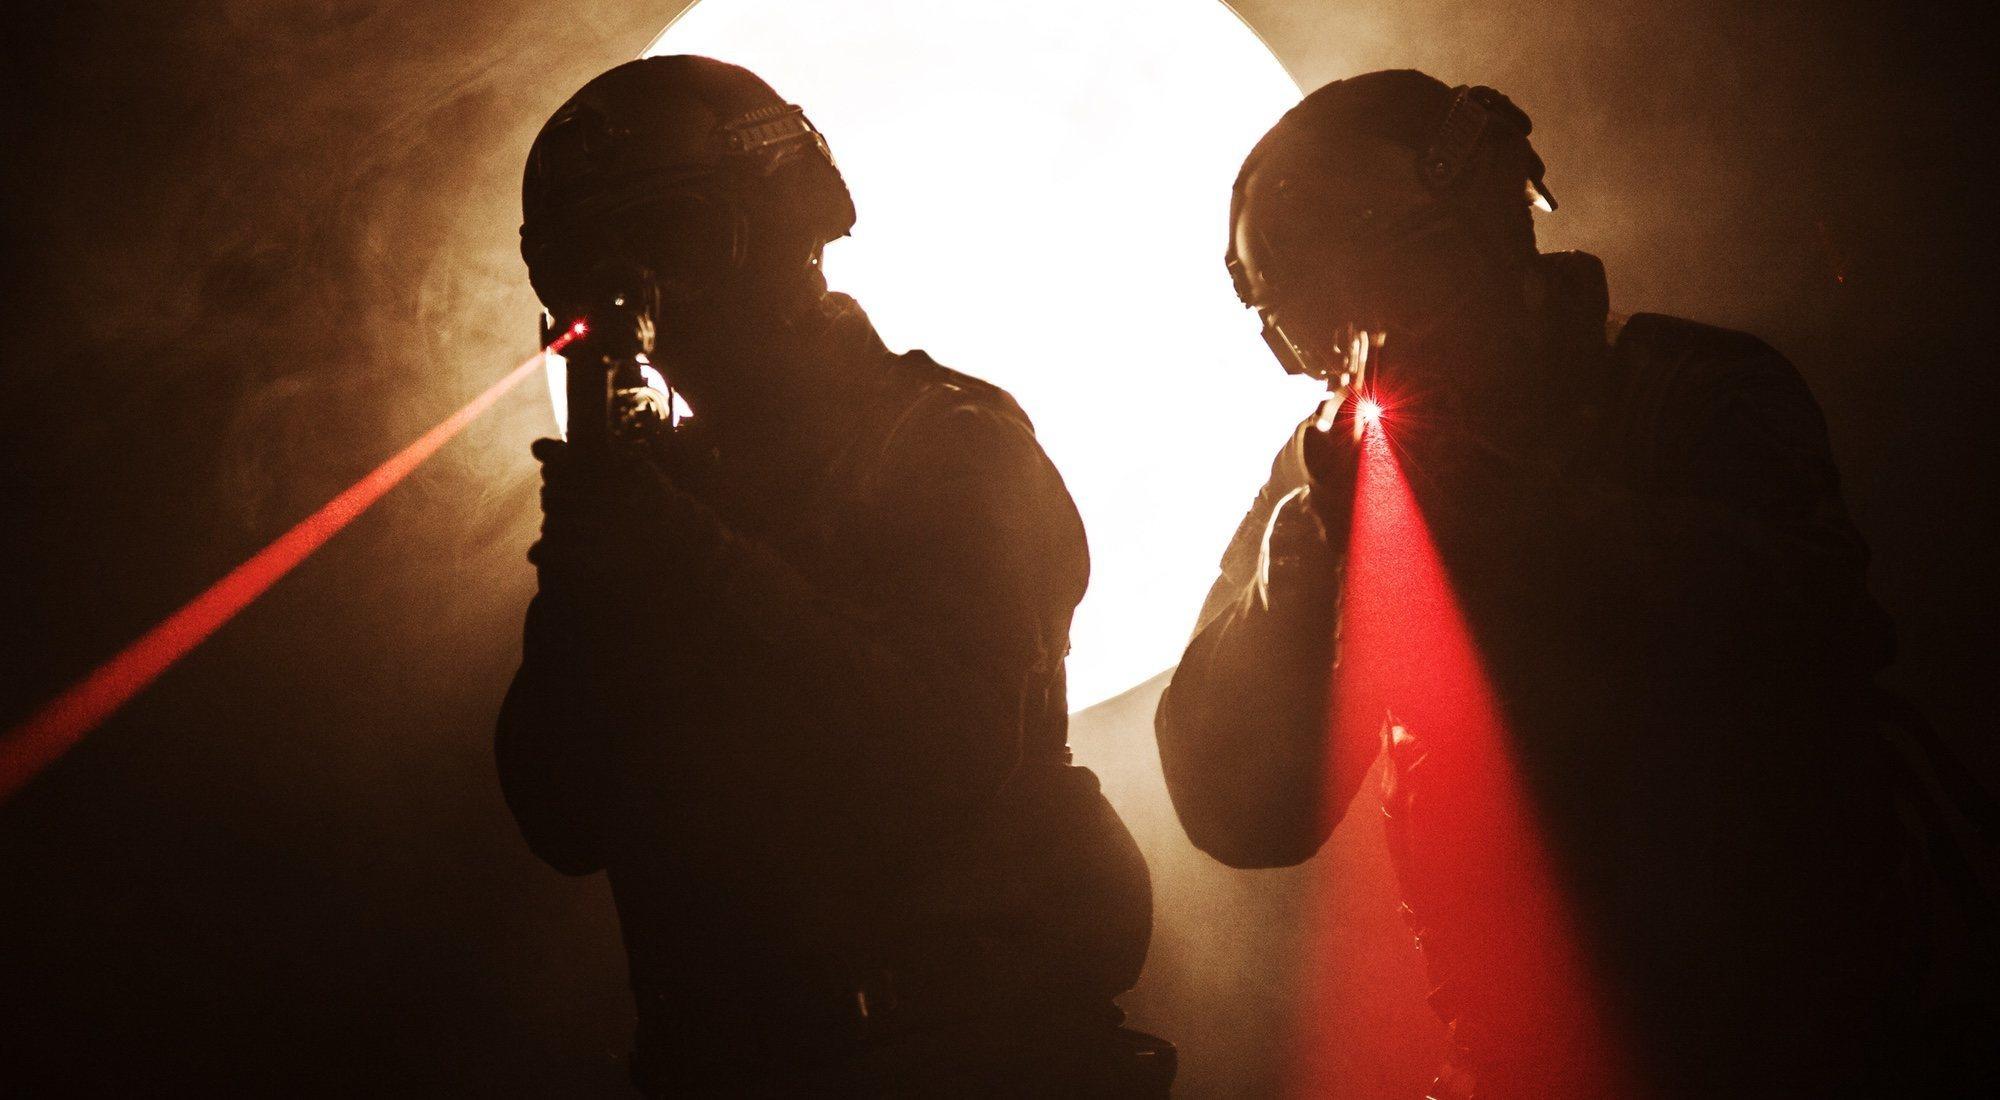 Una luz que envía mensajes a tu cerebro, así es la nueva arma del ejército de Estados Unidos